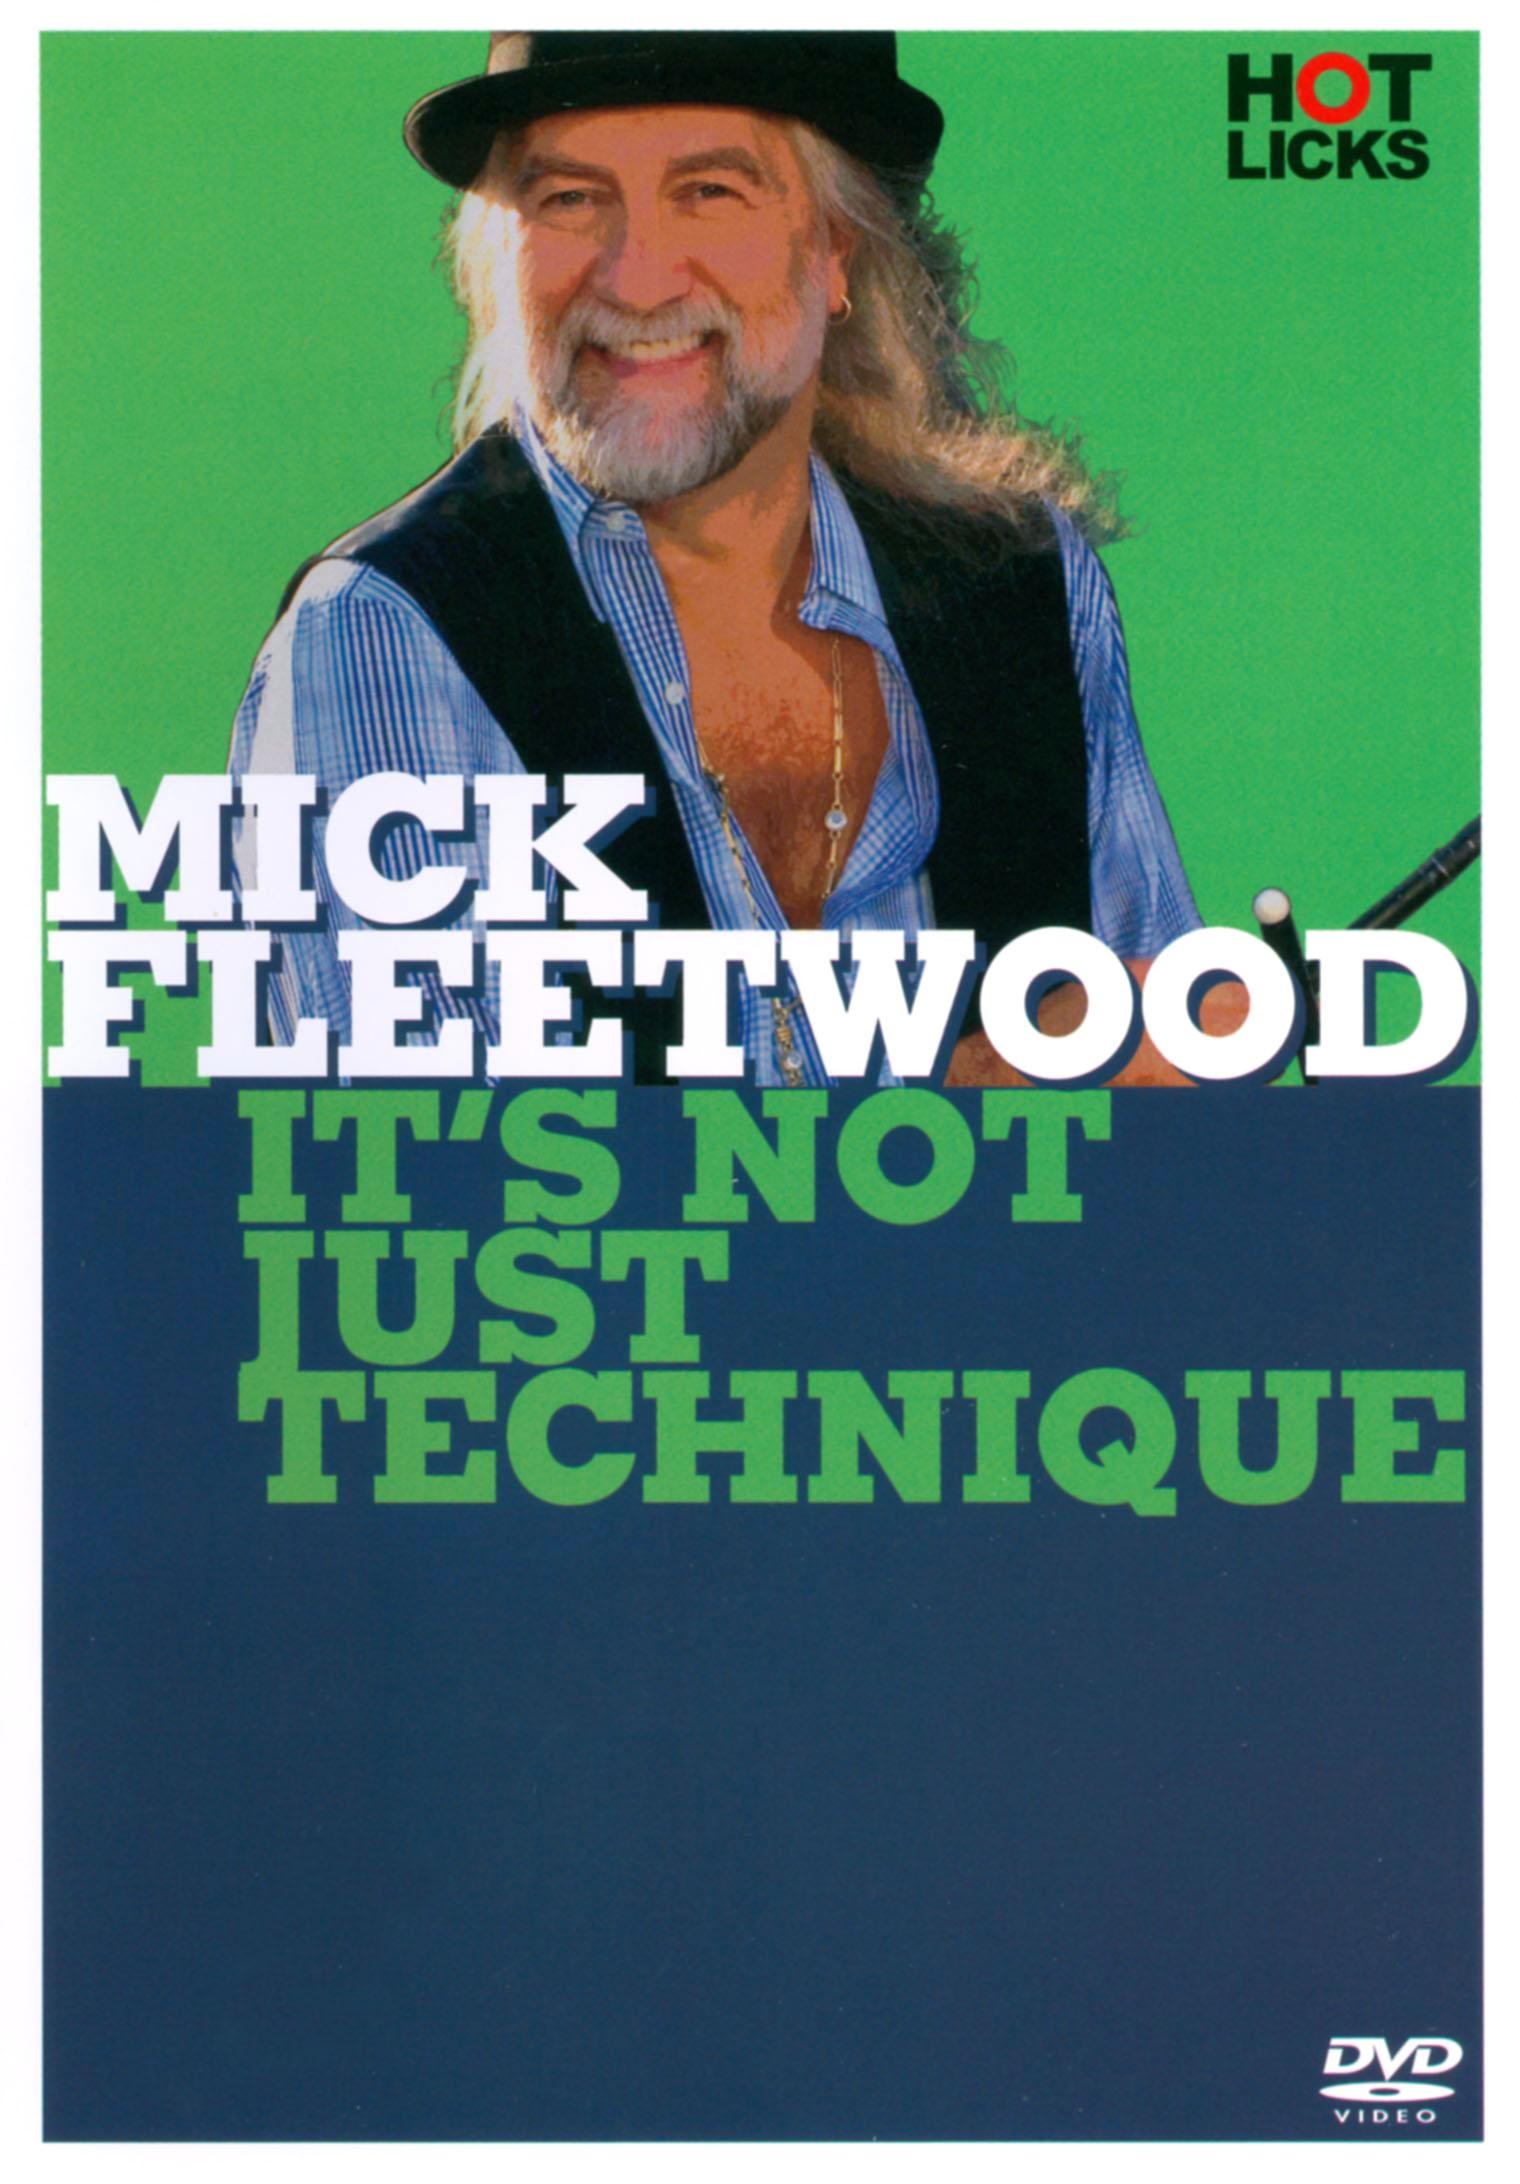 Mick Fleetwood: It's Not Just Technique